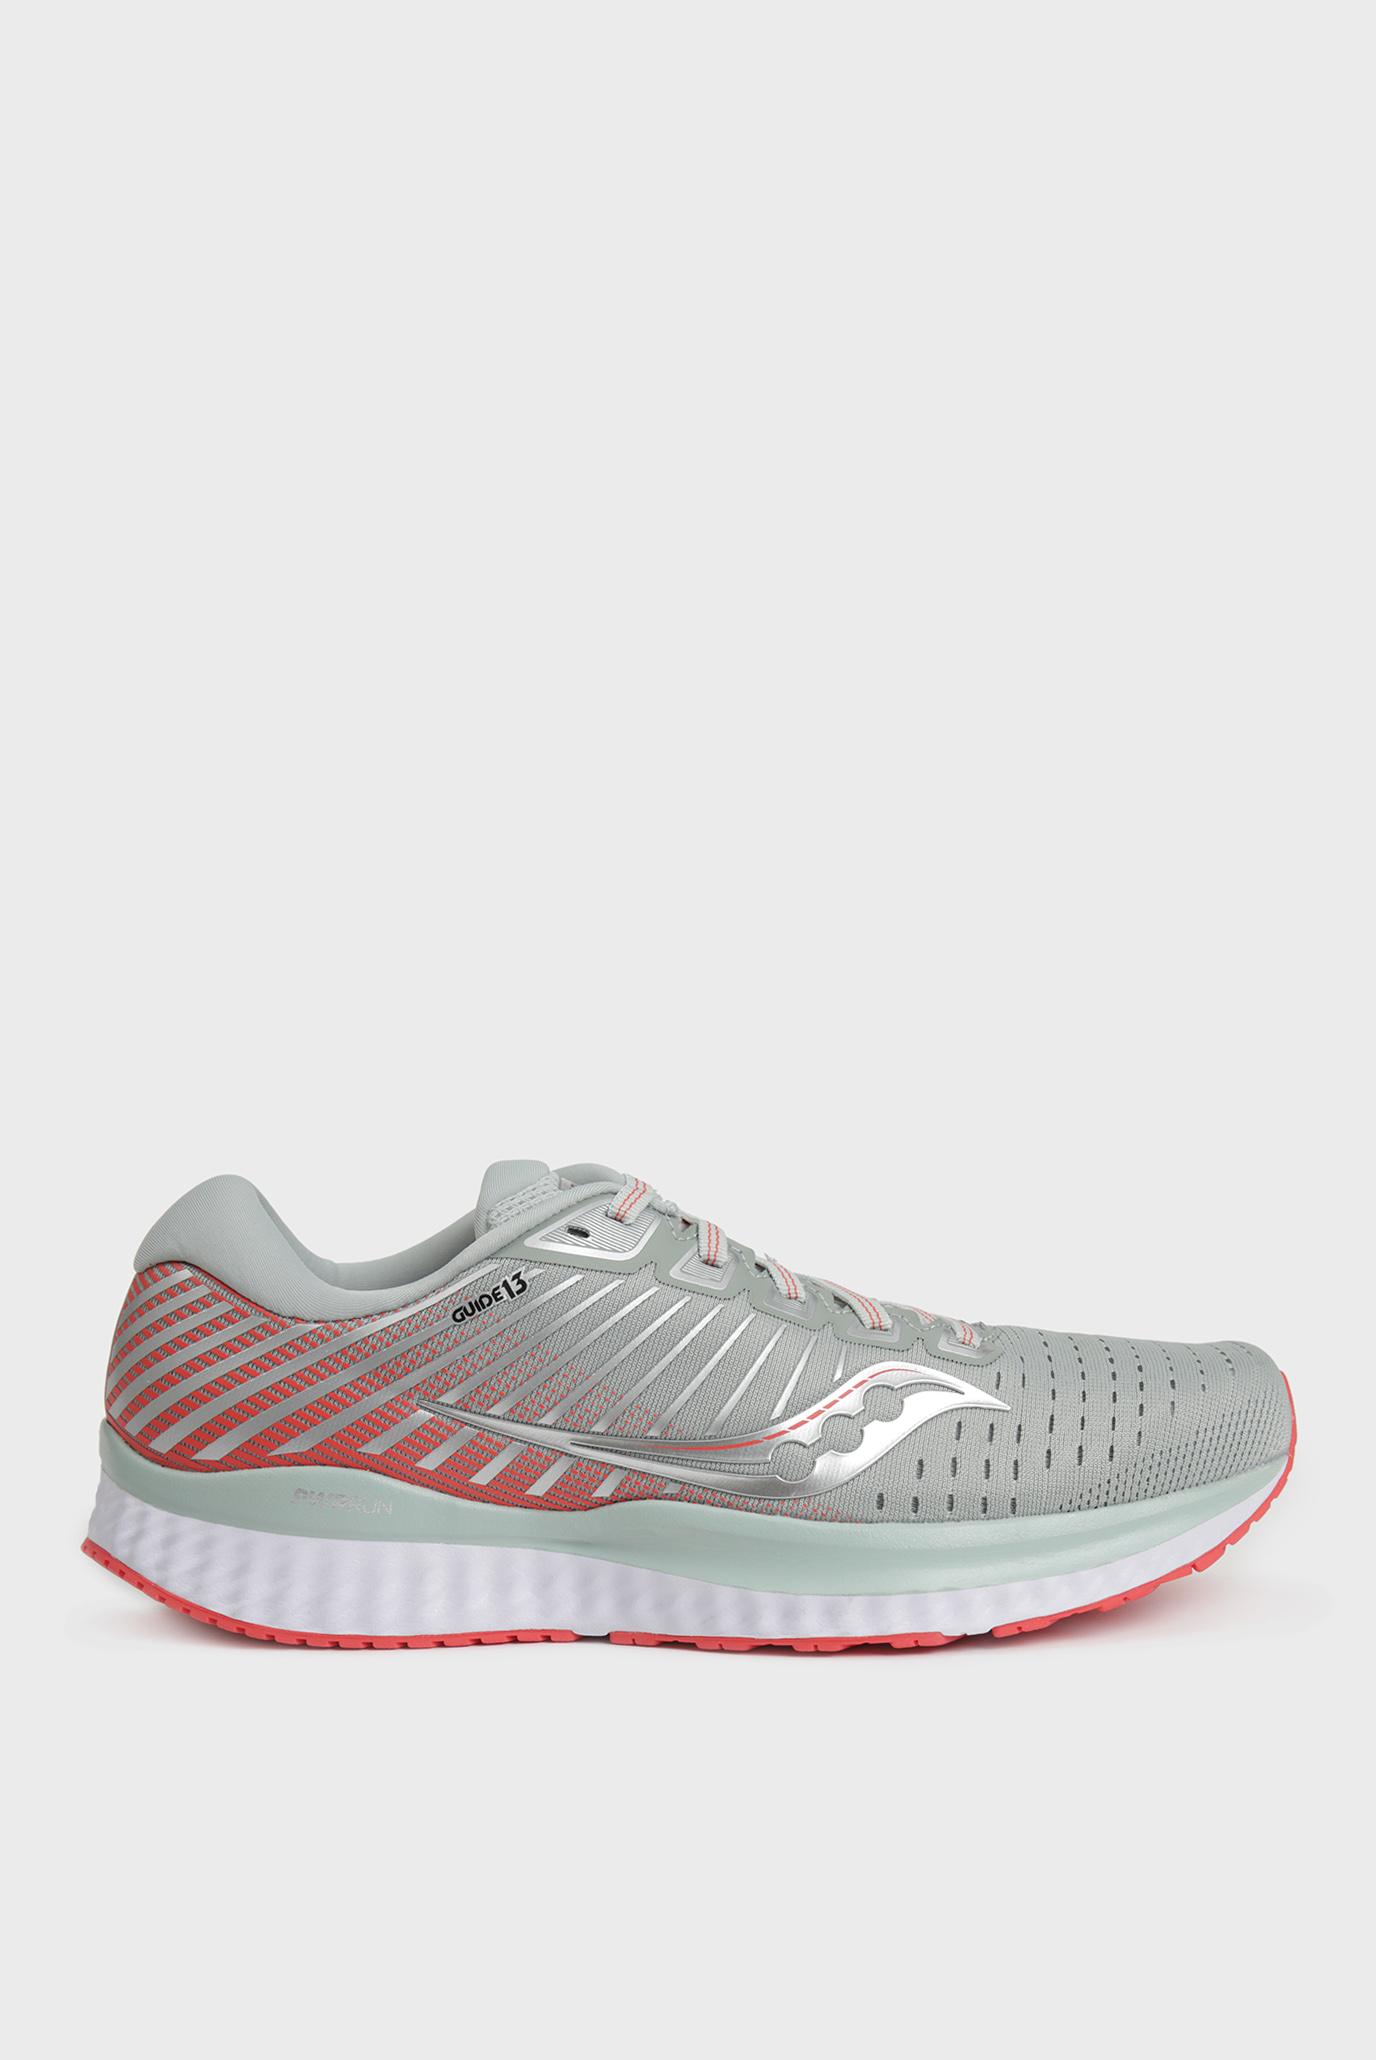 Кросівки  жіночі Saucony 10548-45s замовити, 2017